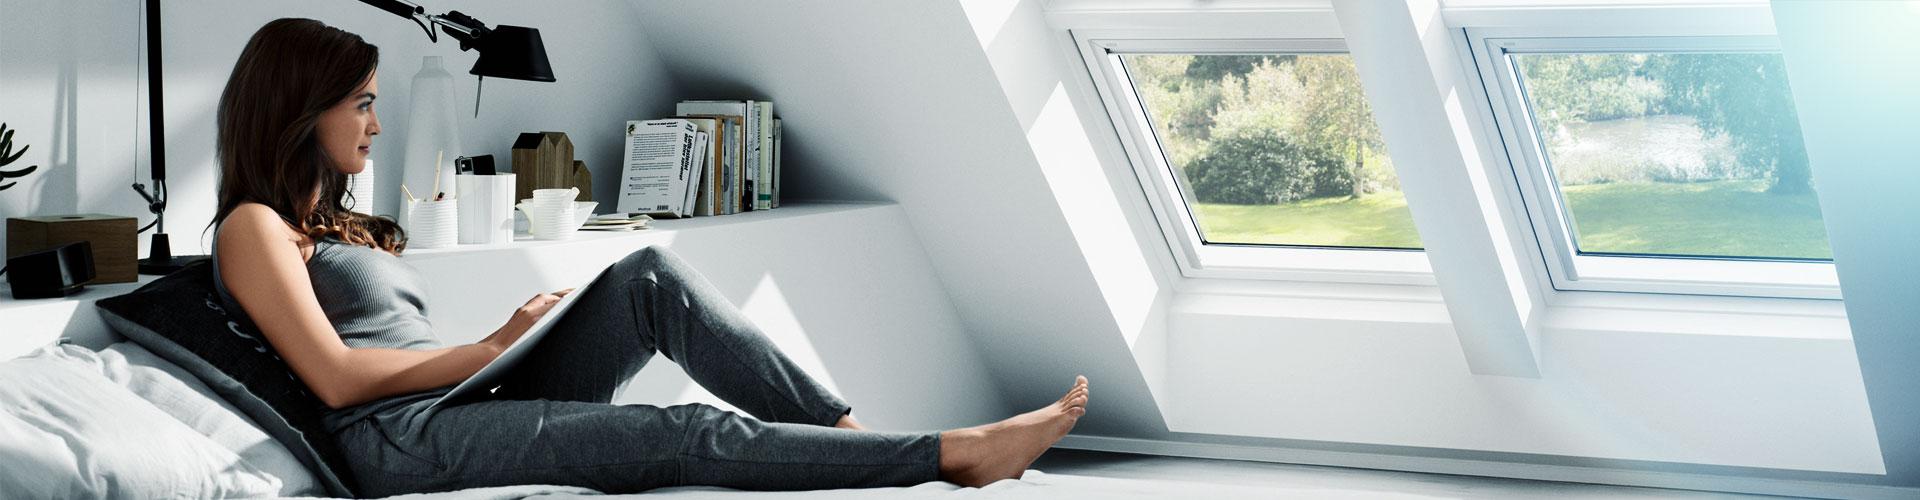 Frau liegt im Bett und blickt aus Dachliegefenster - windooro.de